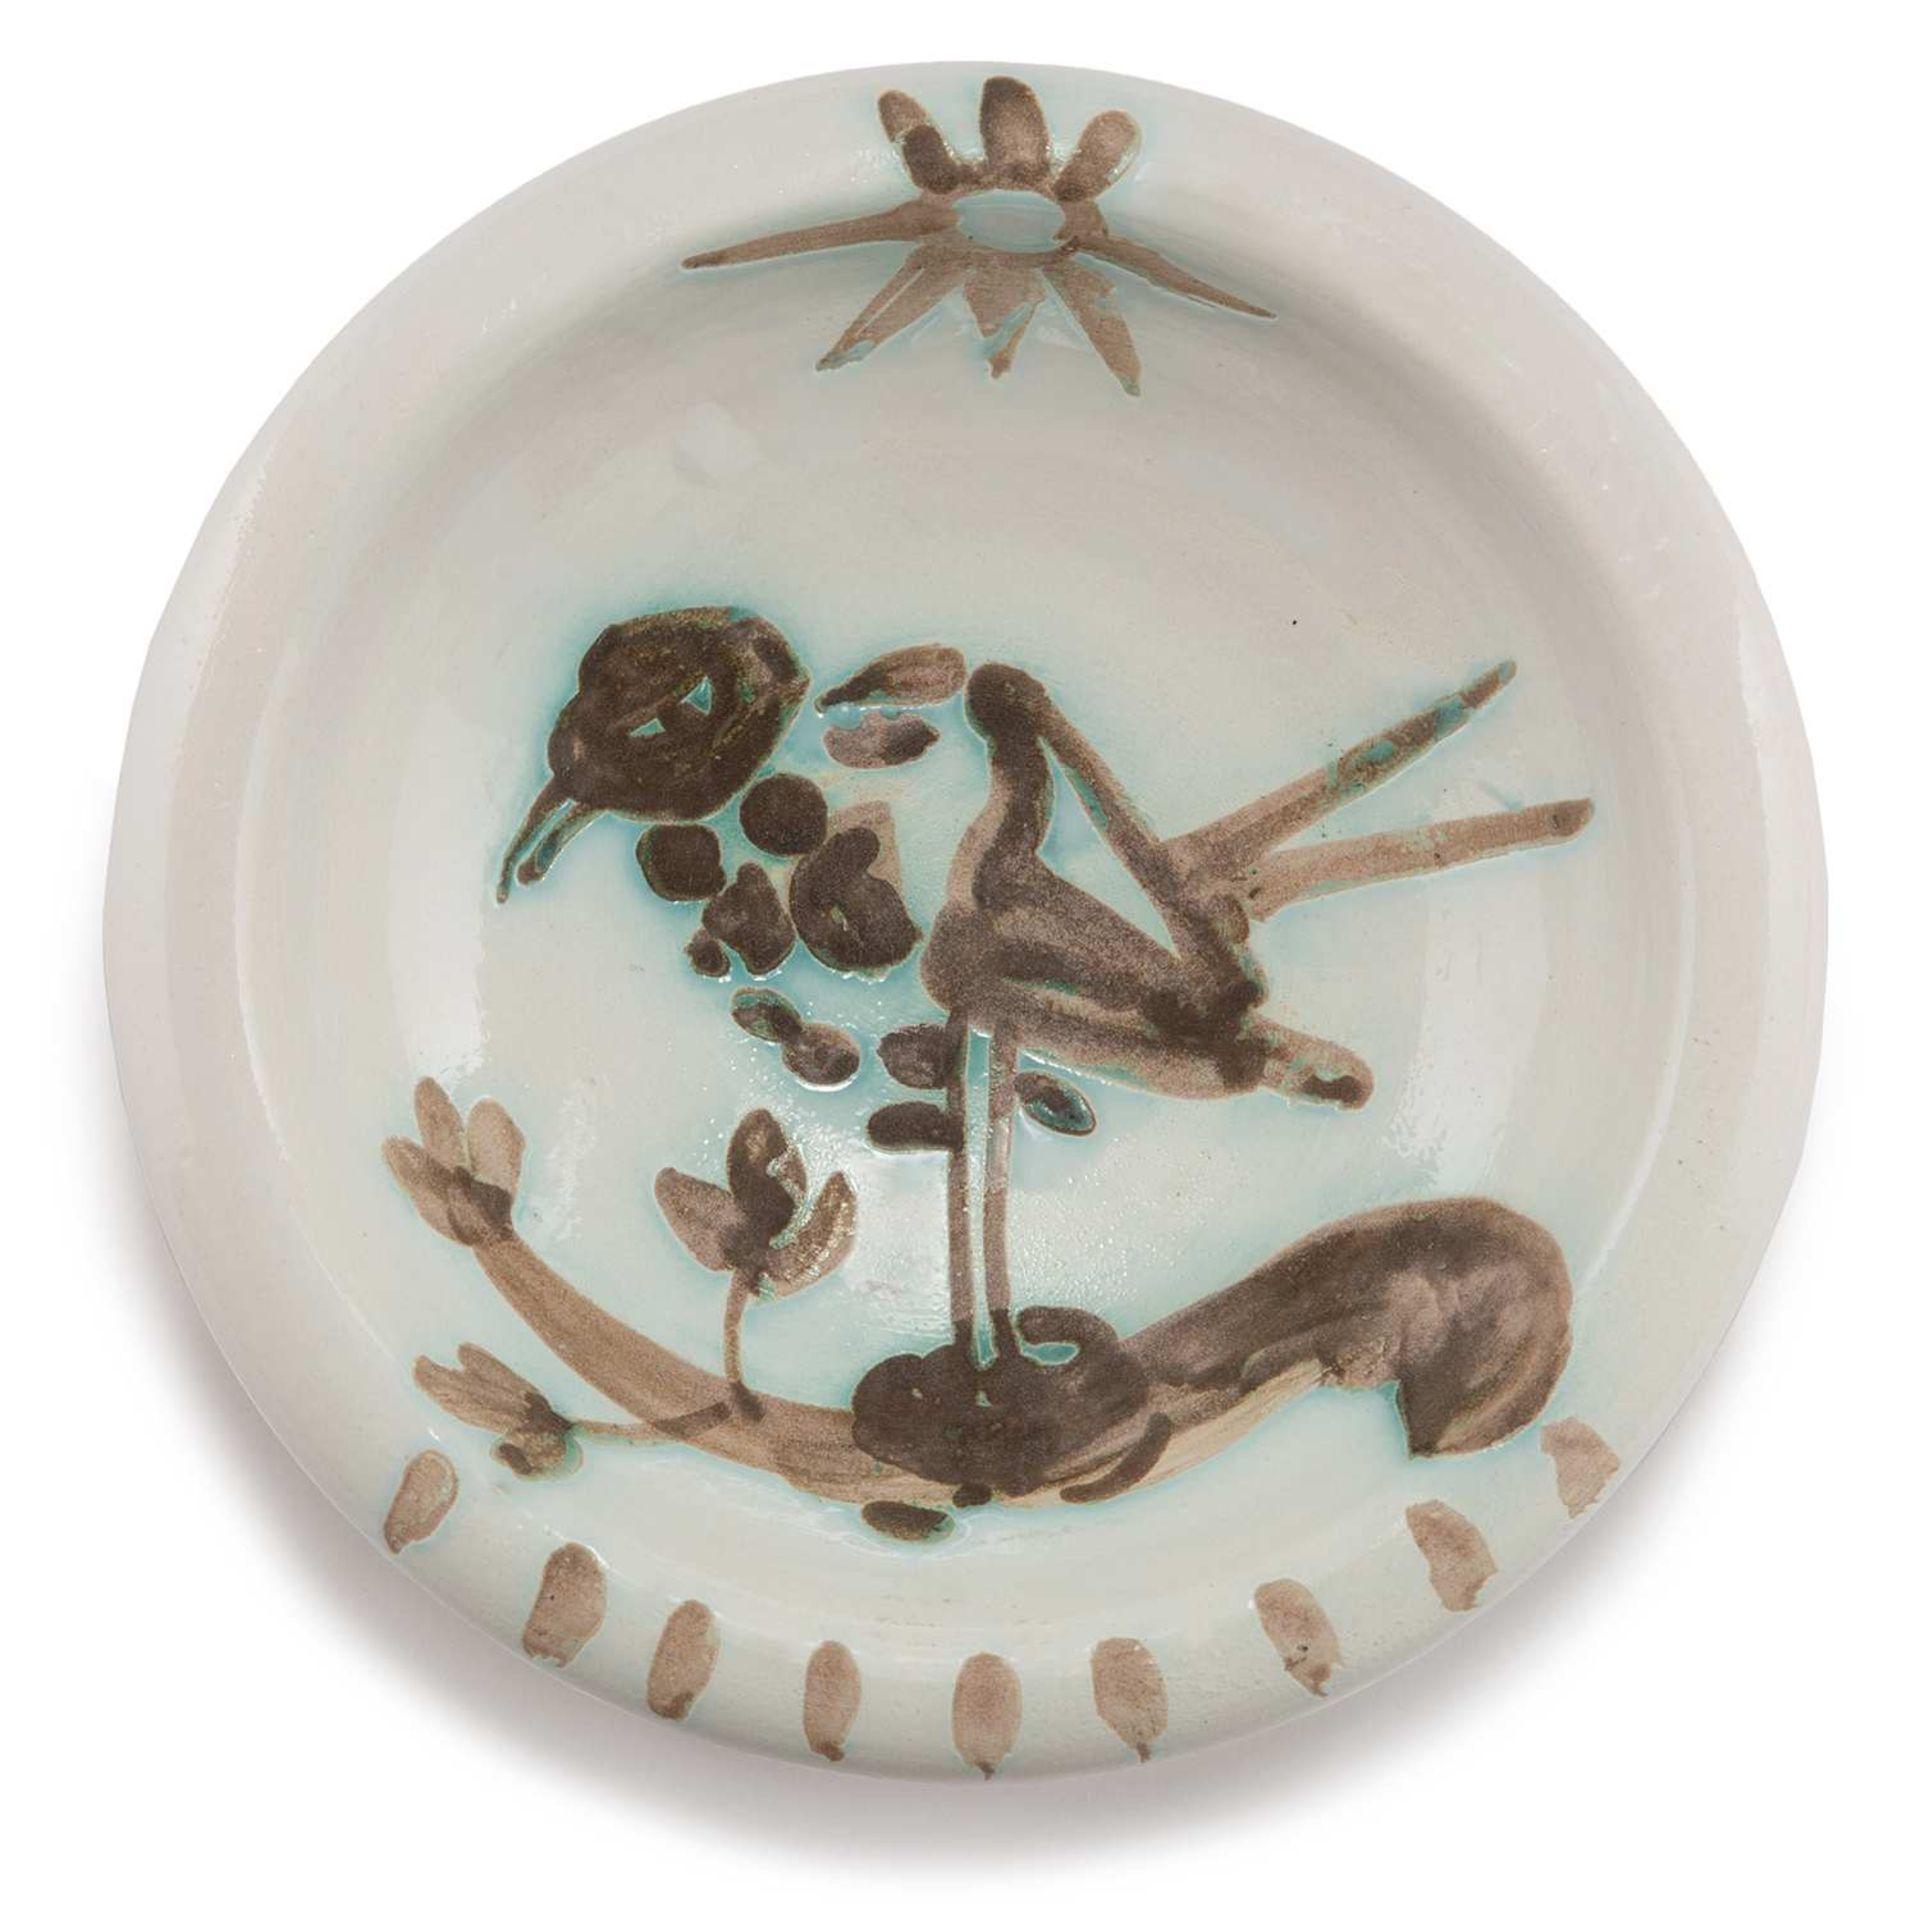 PABLO PICASSO (1881-1973) OISEAU AU SOLEIL (AR 174) Faïence décorée à la paraffine oxydée et émail